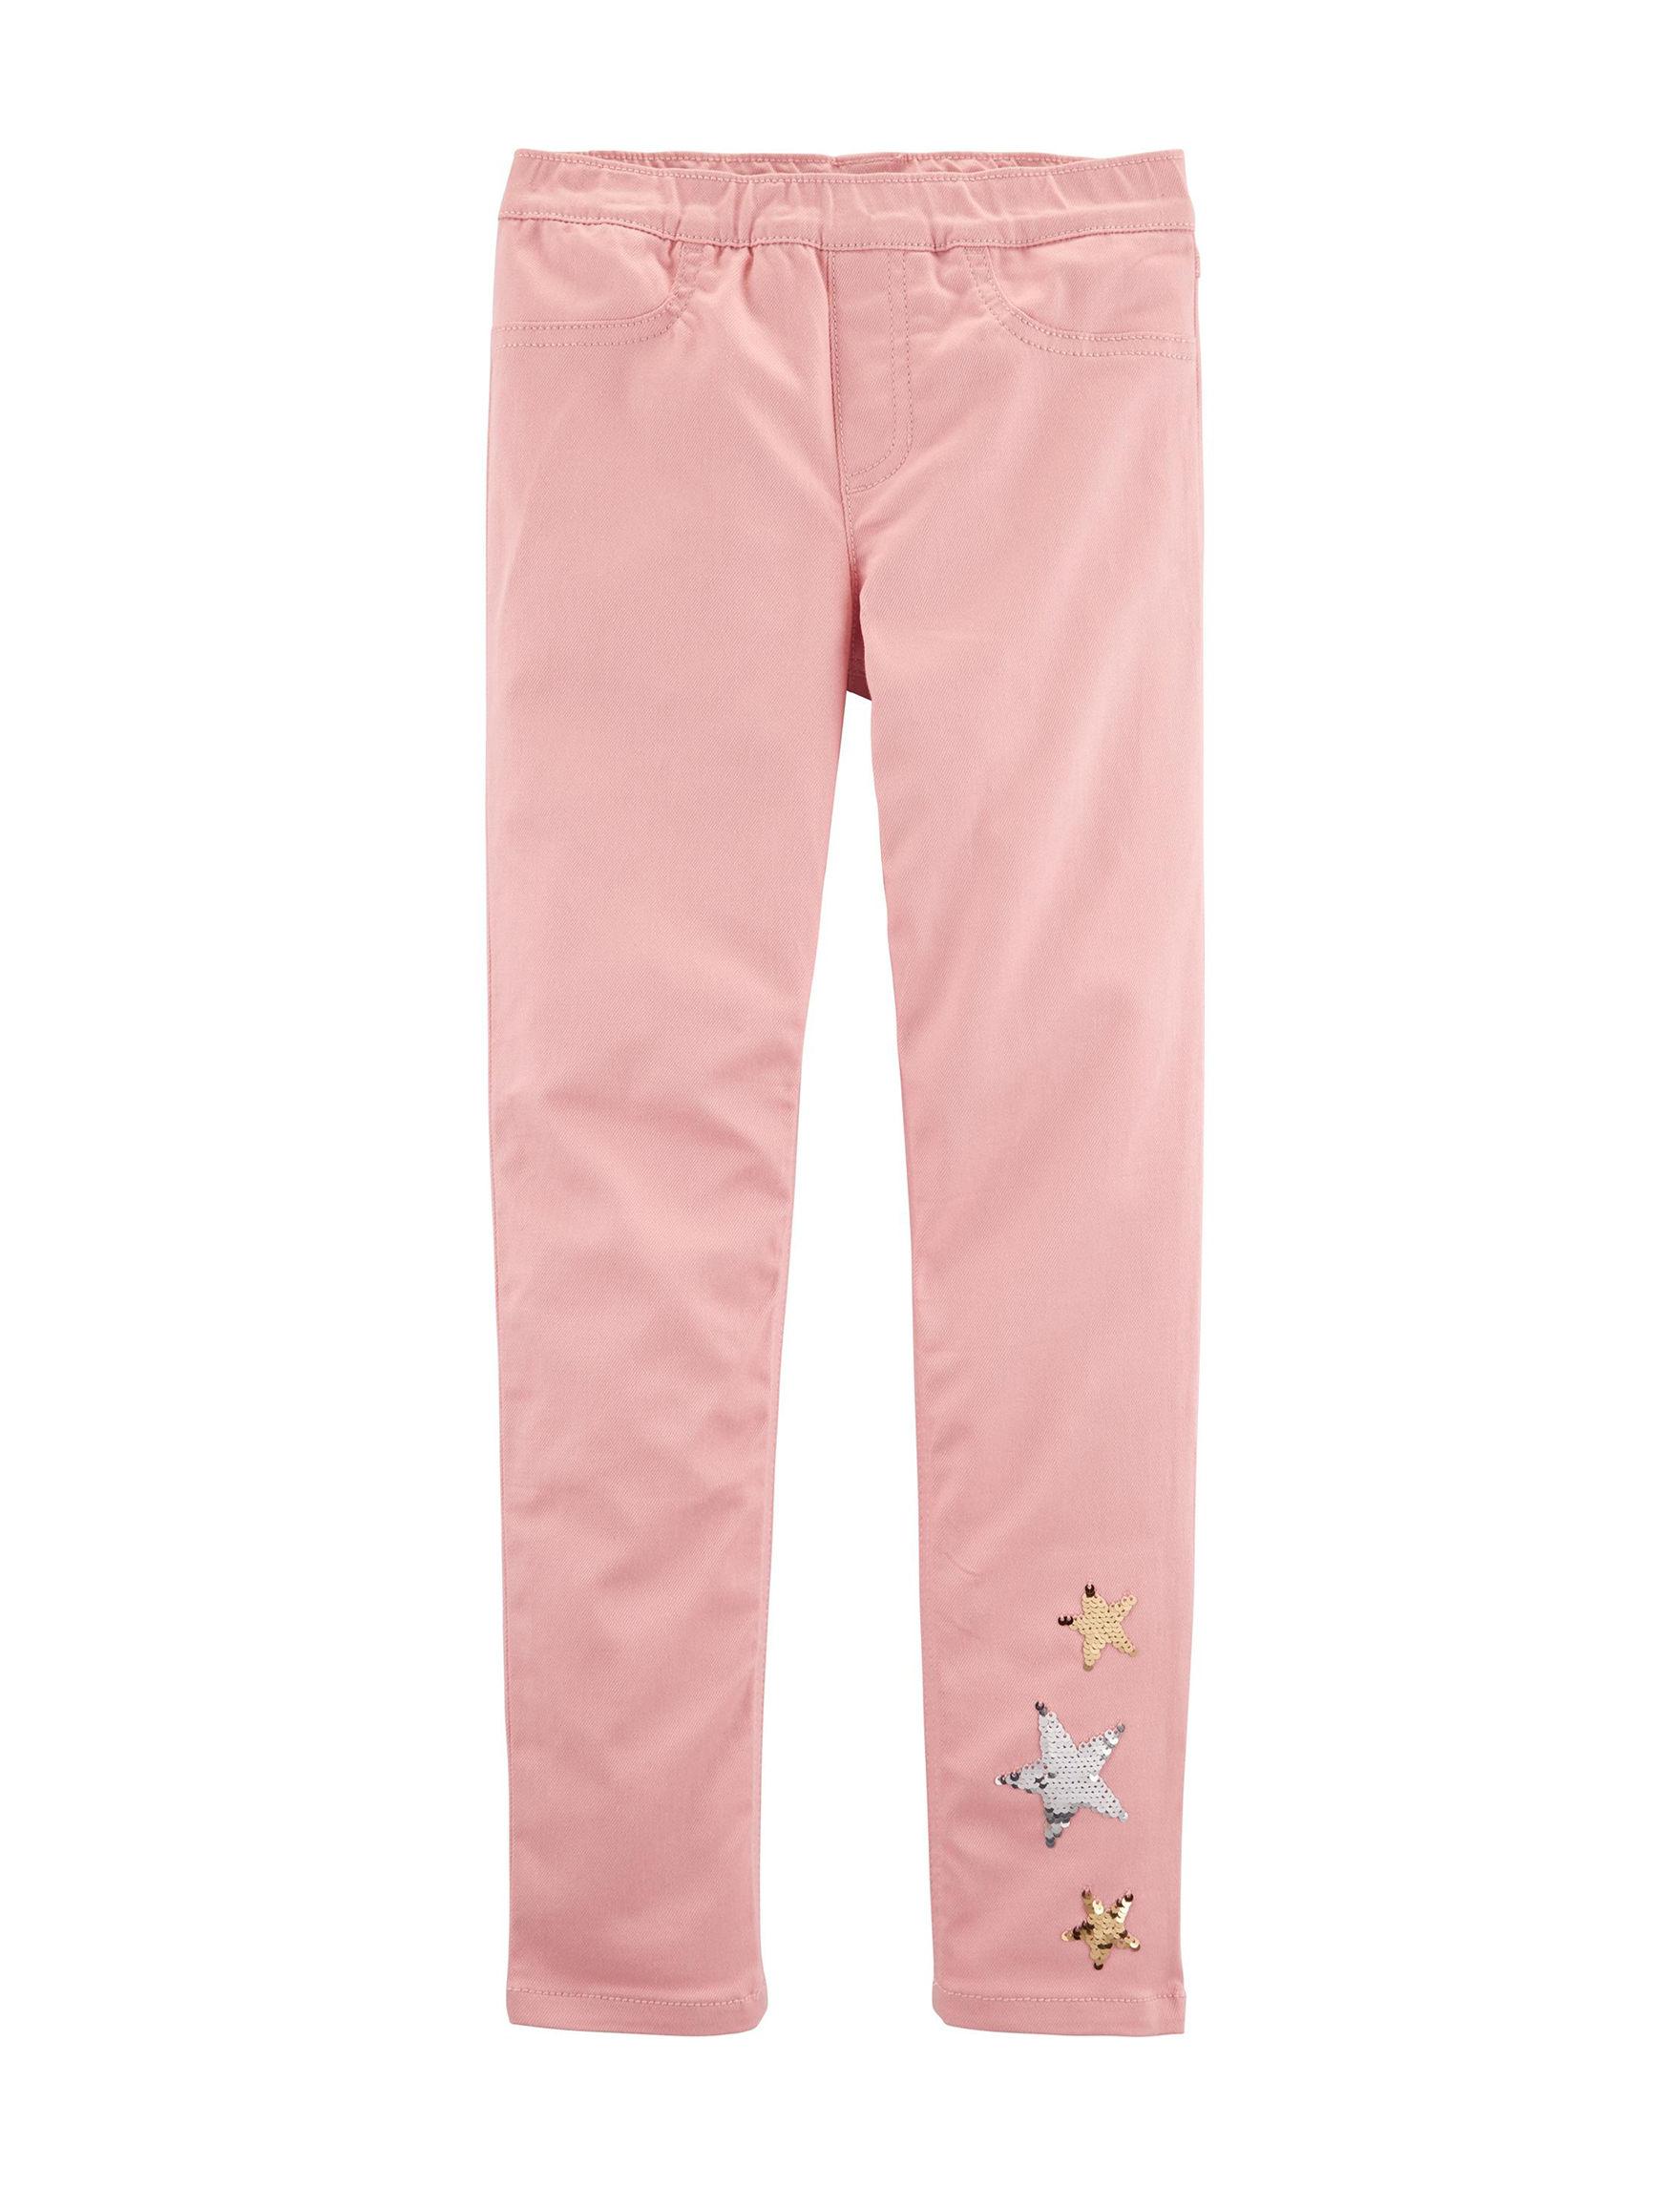 Carter's Light Pink